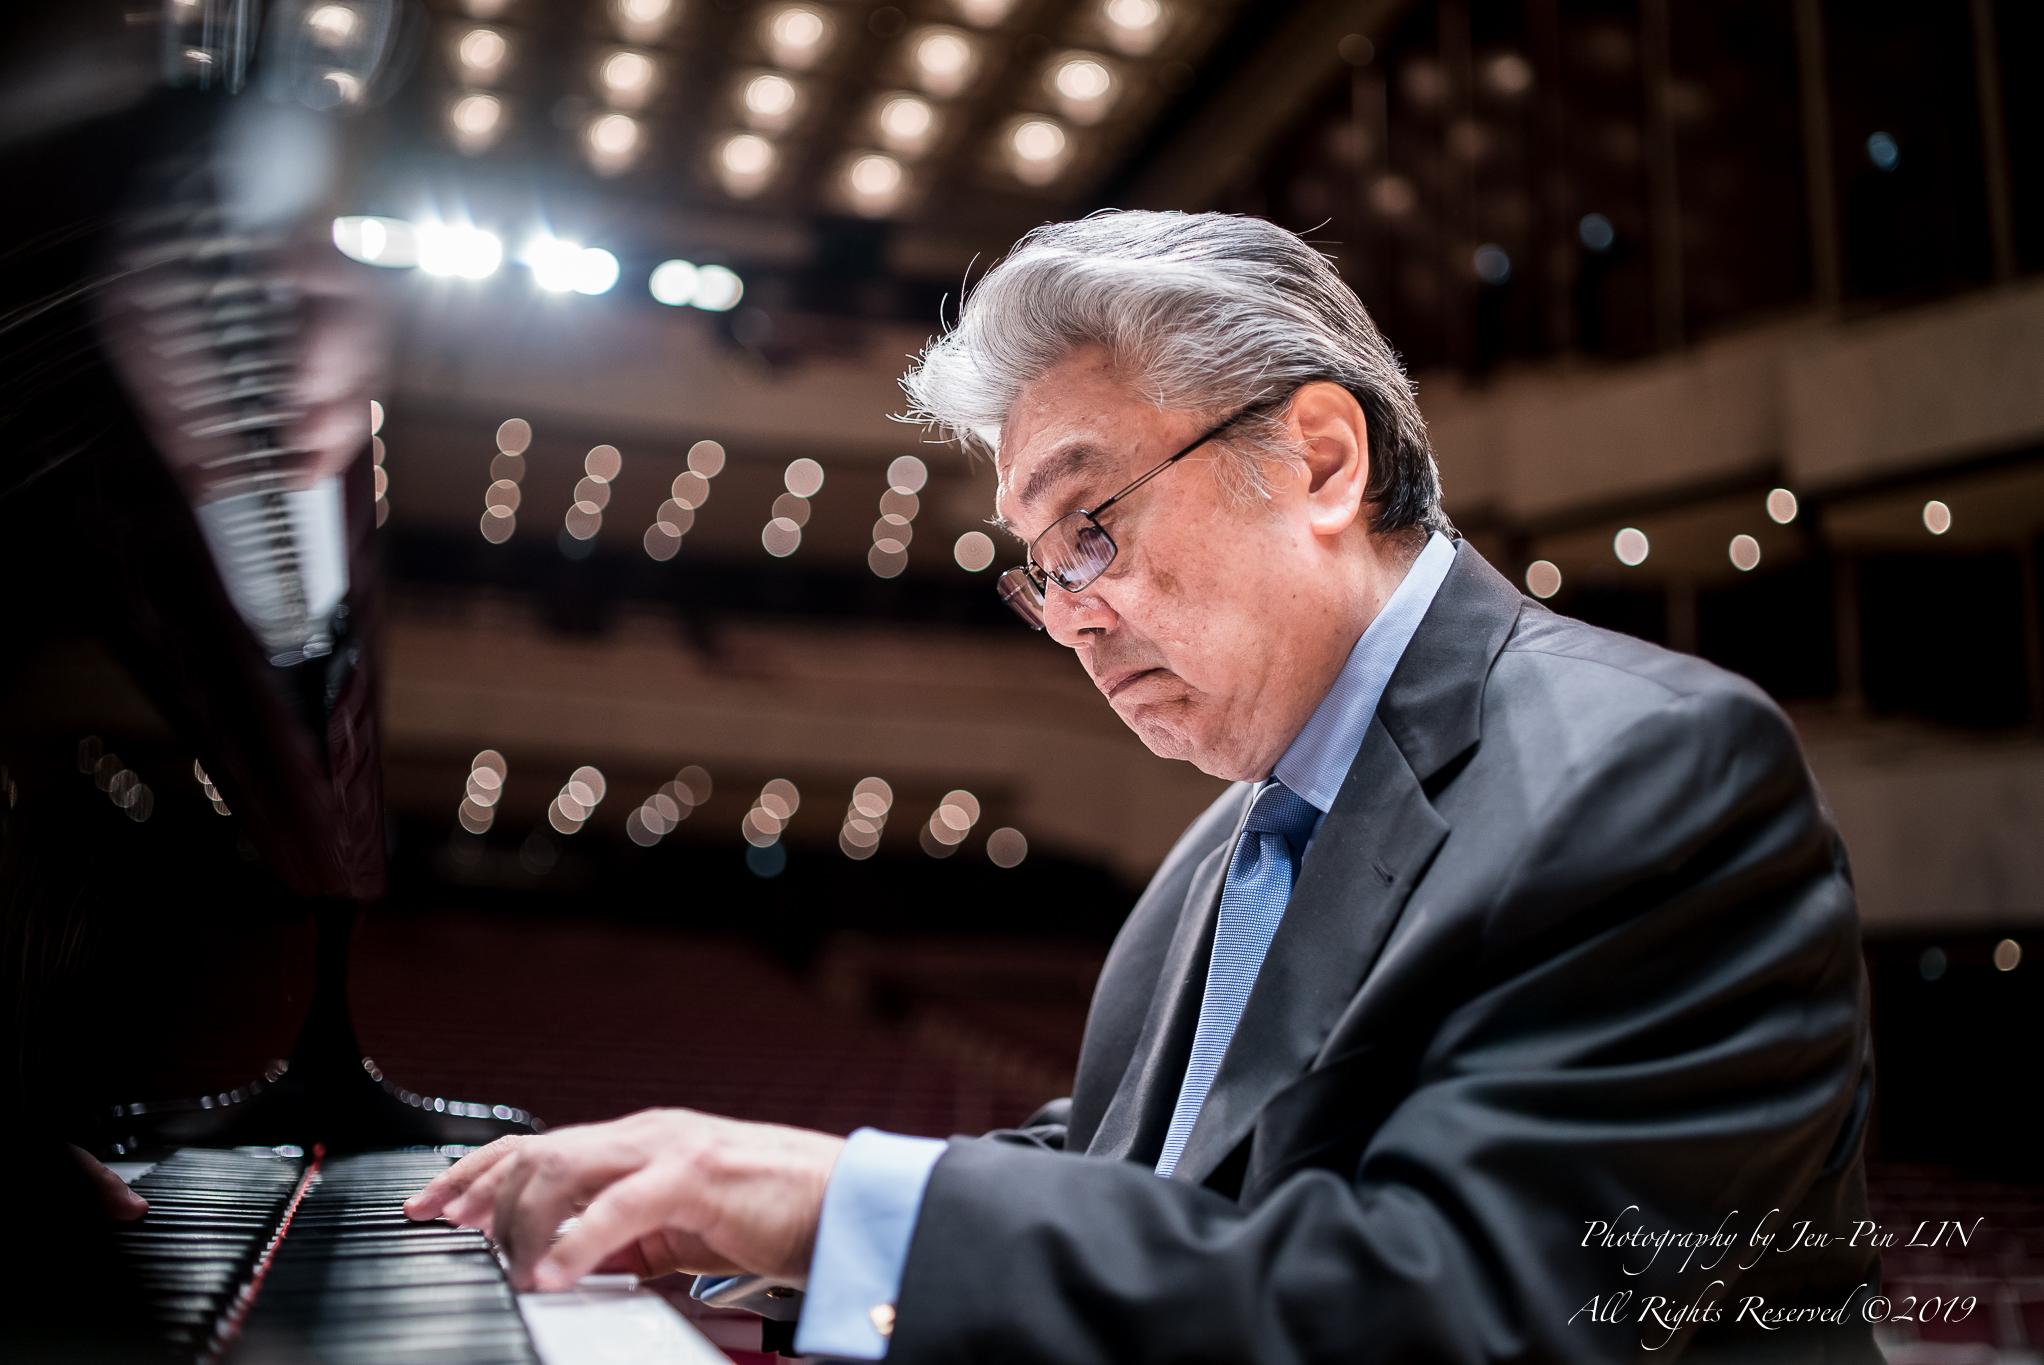 鋼琴教父宋允鵬 說故事「彈」貝多芬